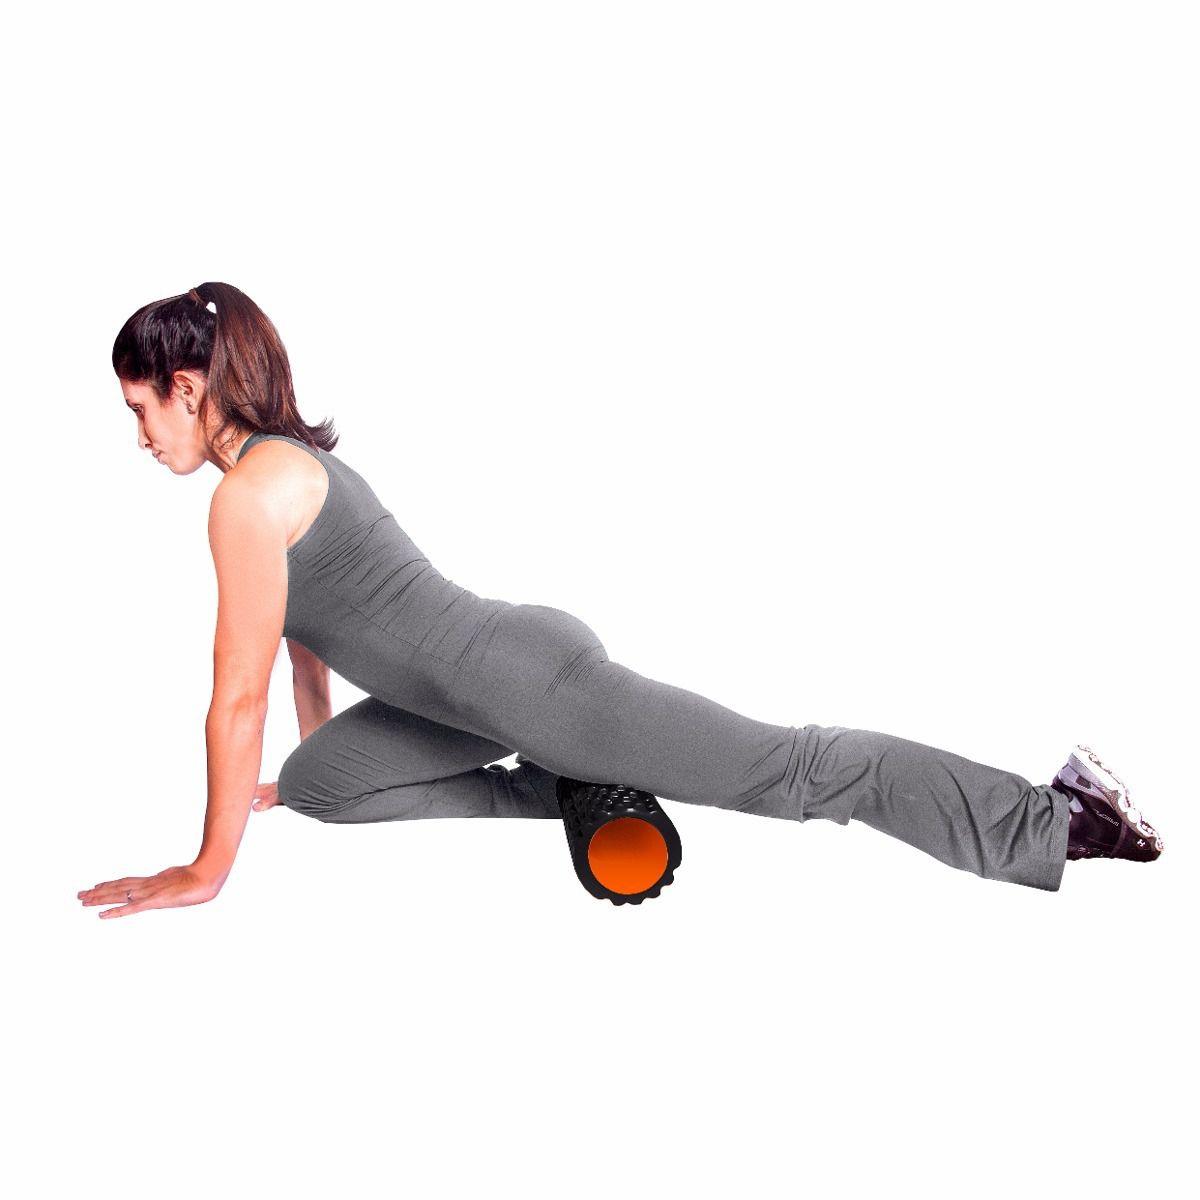 Rolo Miofascial Roller Foam Yoga Fitness Exercicio Pilates Massagem Roxo